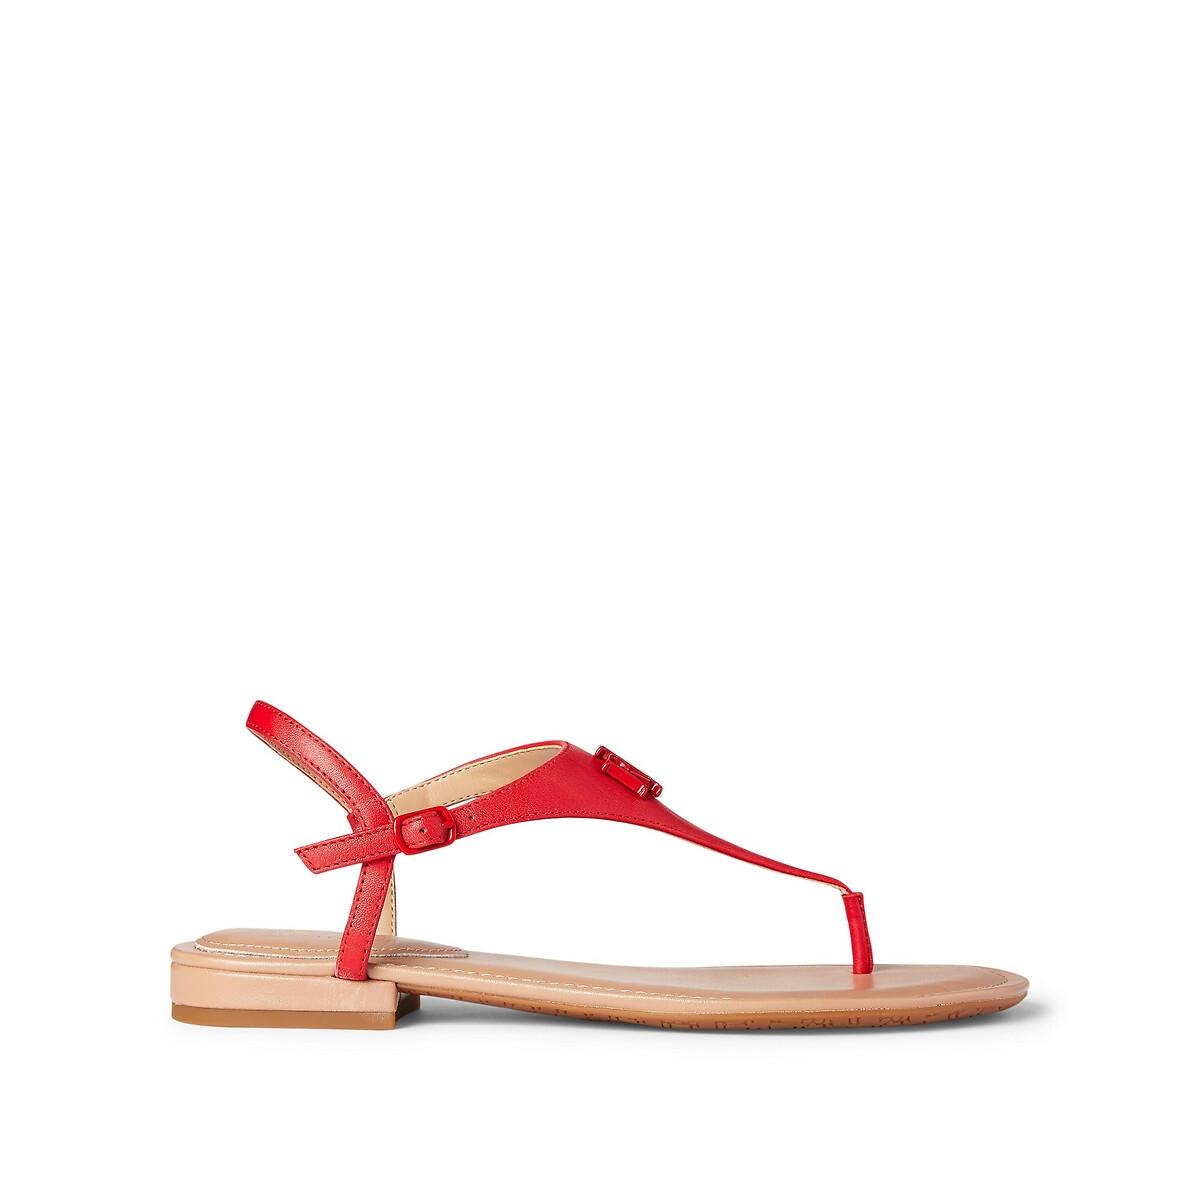 Сандалии LaRedoute С перемычкой из кожи с плоским каблуком 36 красный 12⠀storeez сандалии с перемычкой